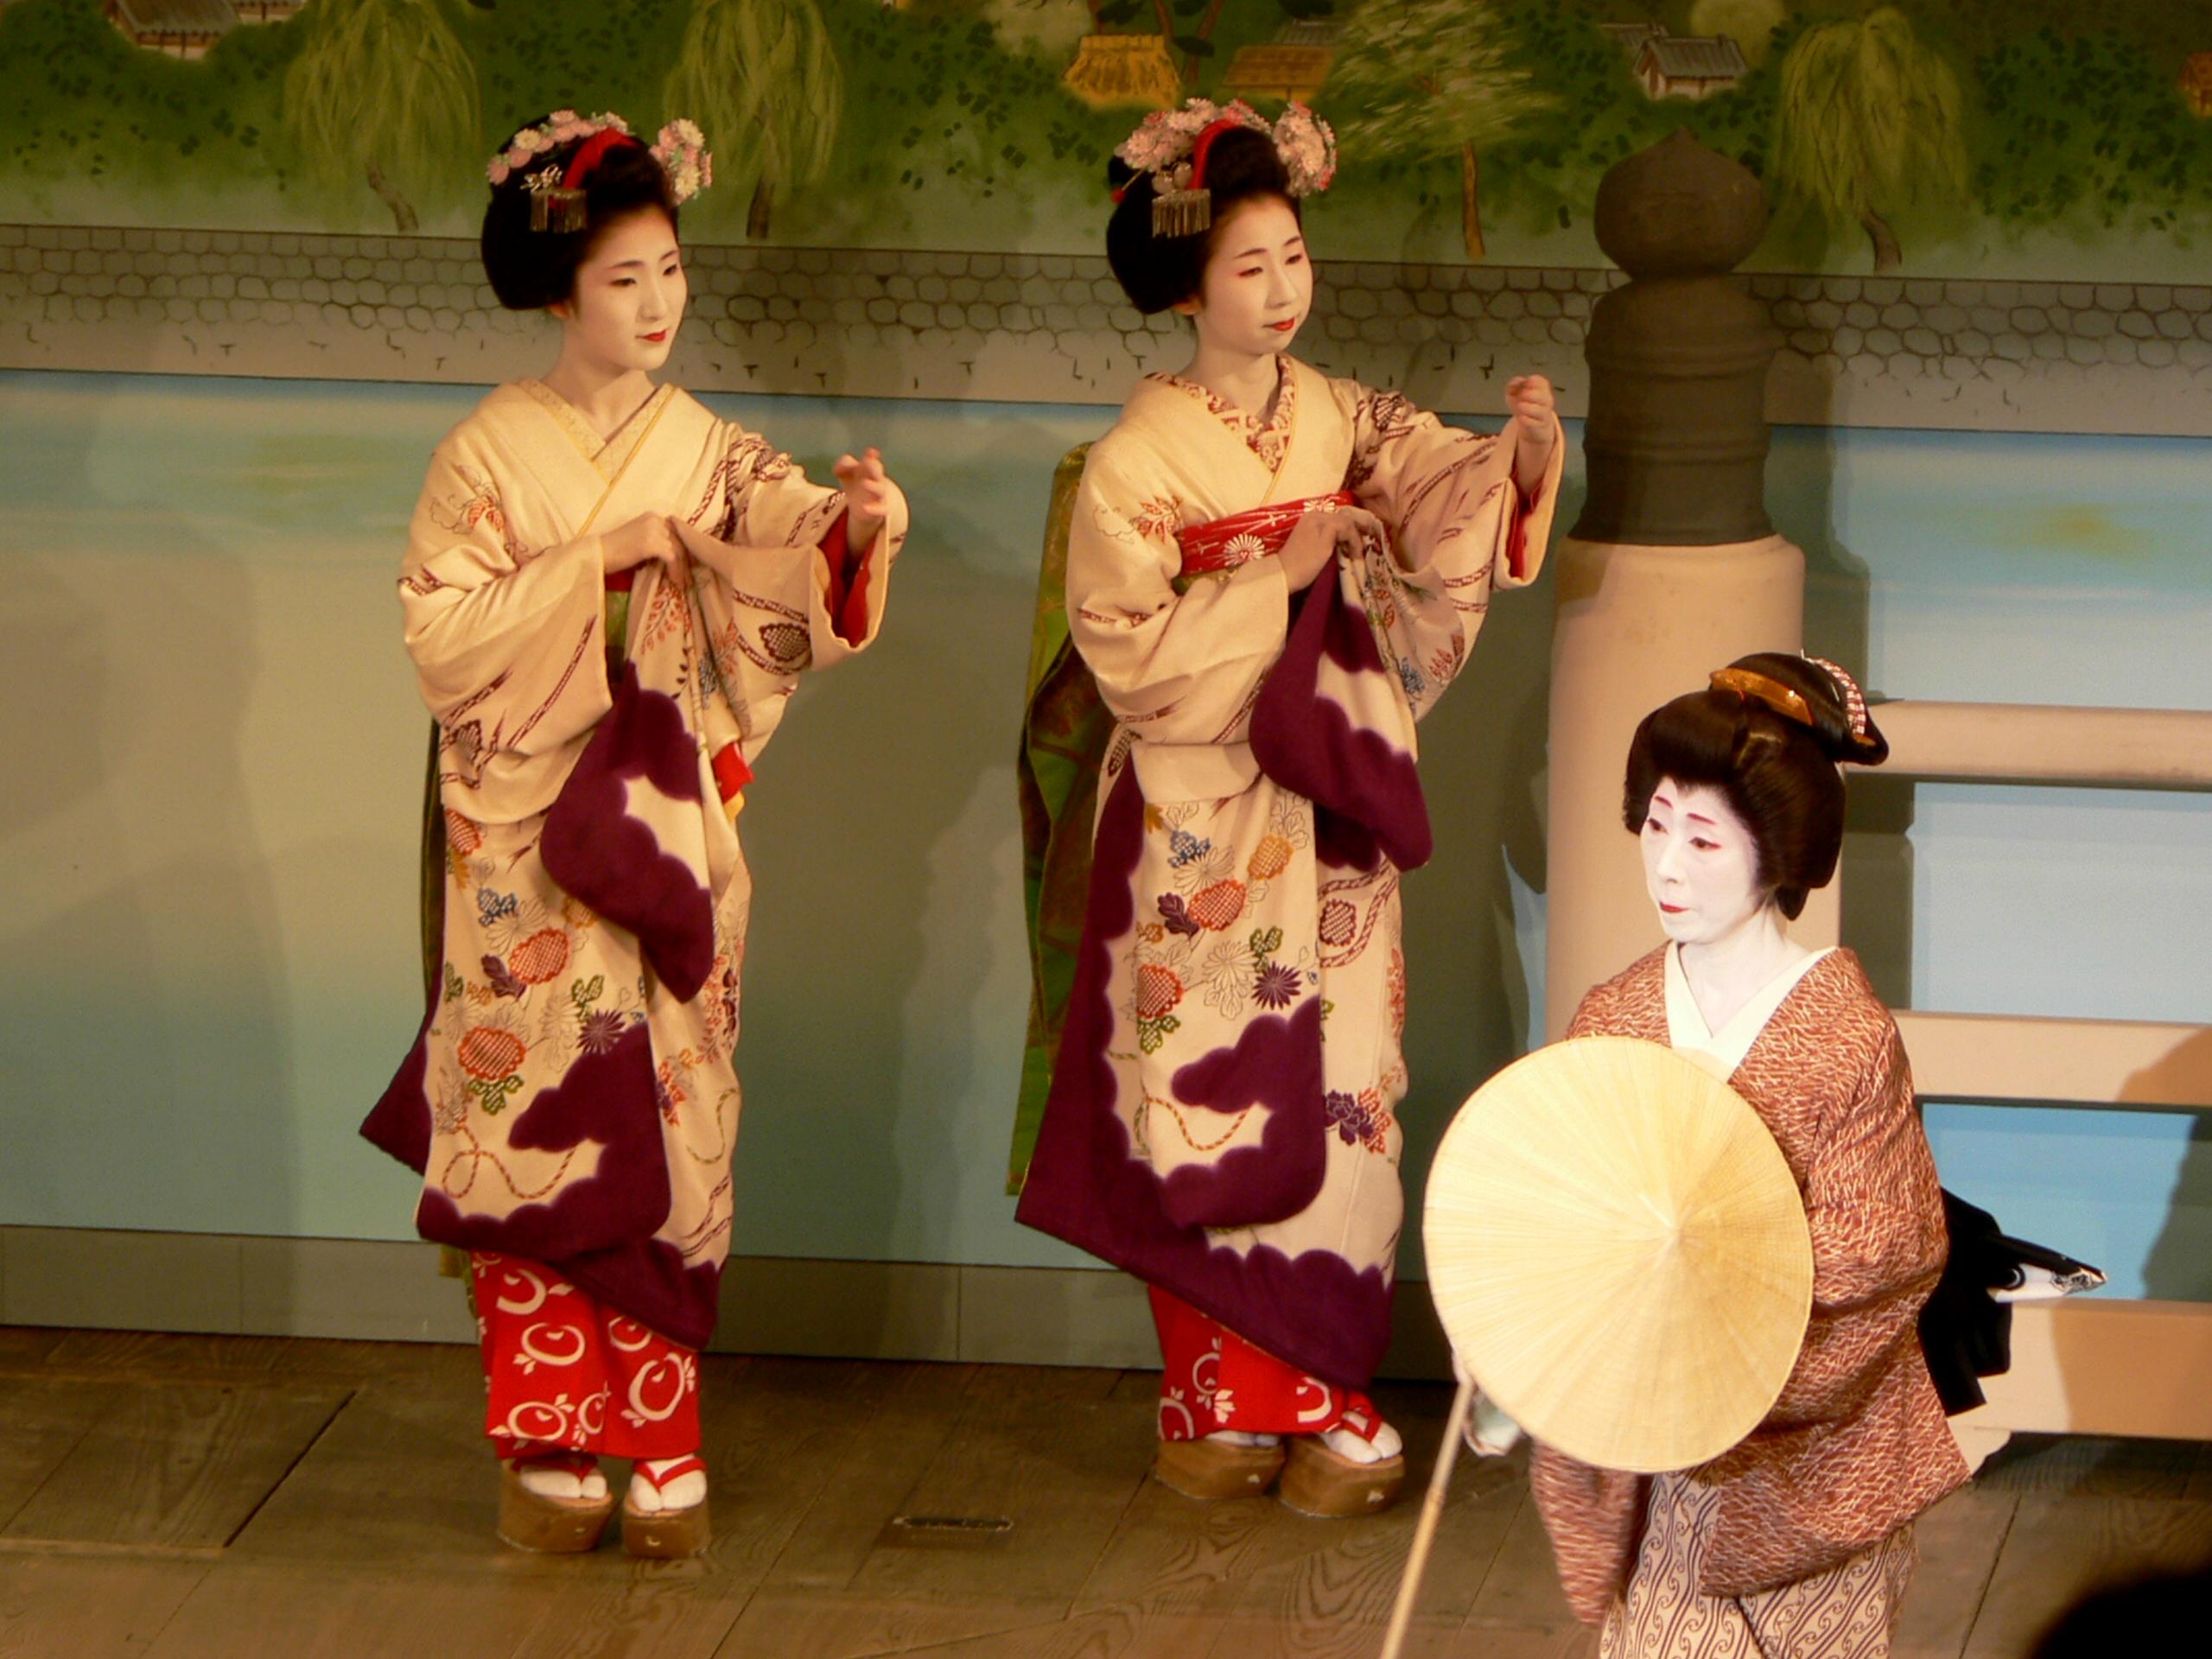 Танцующая японка фото 10 фотография